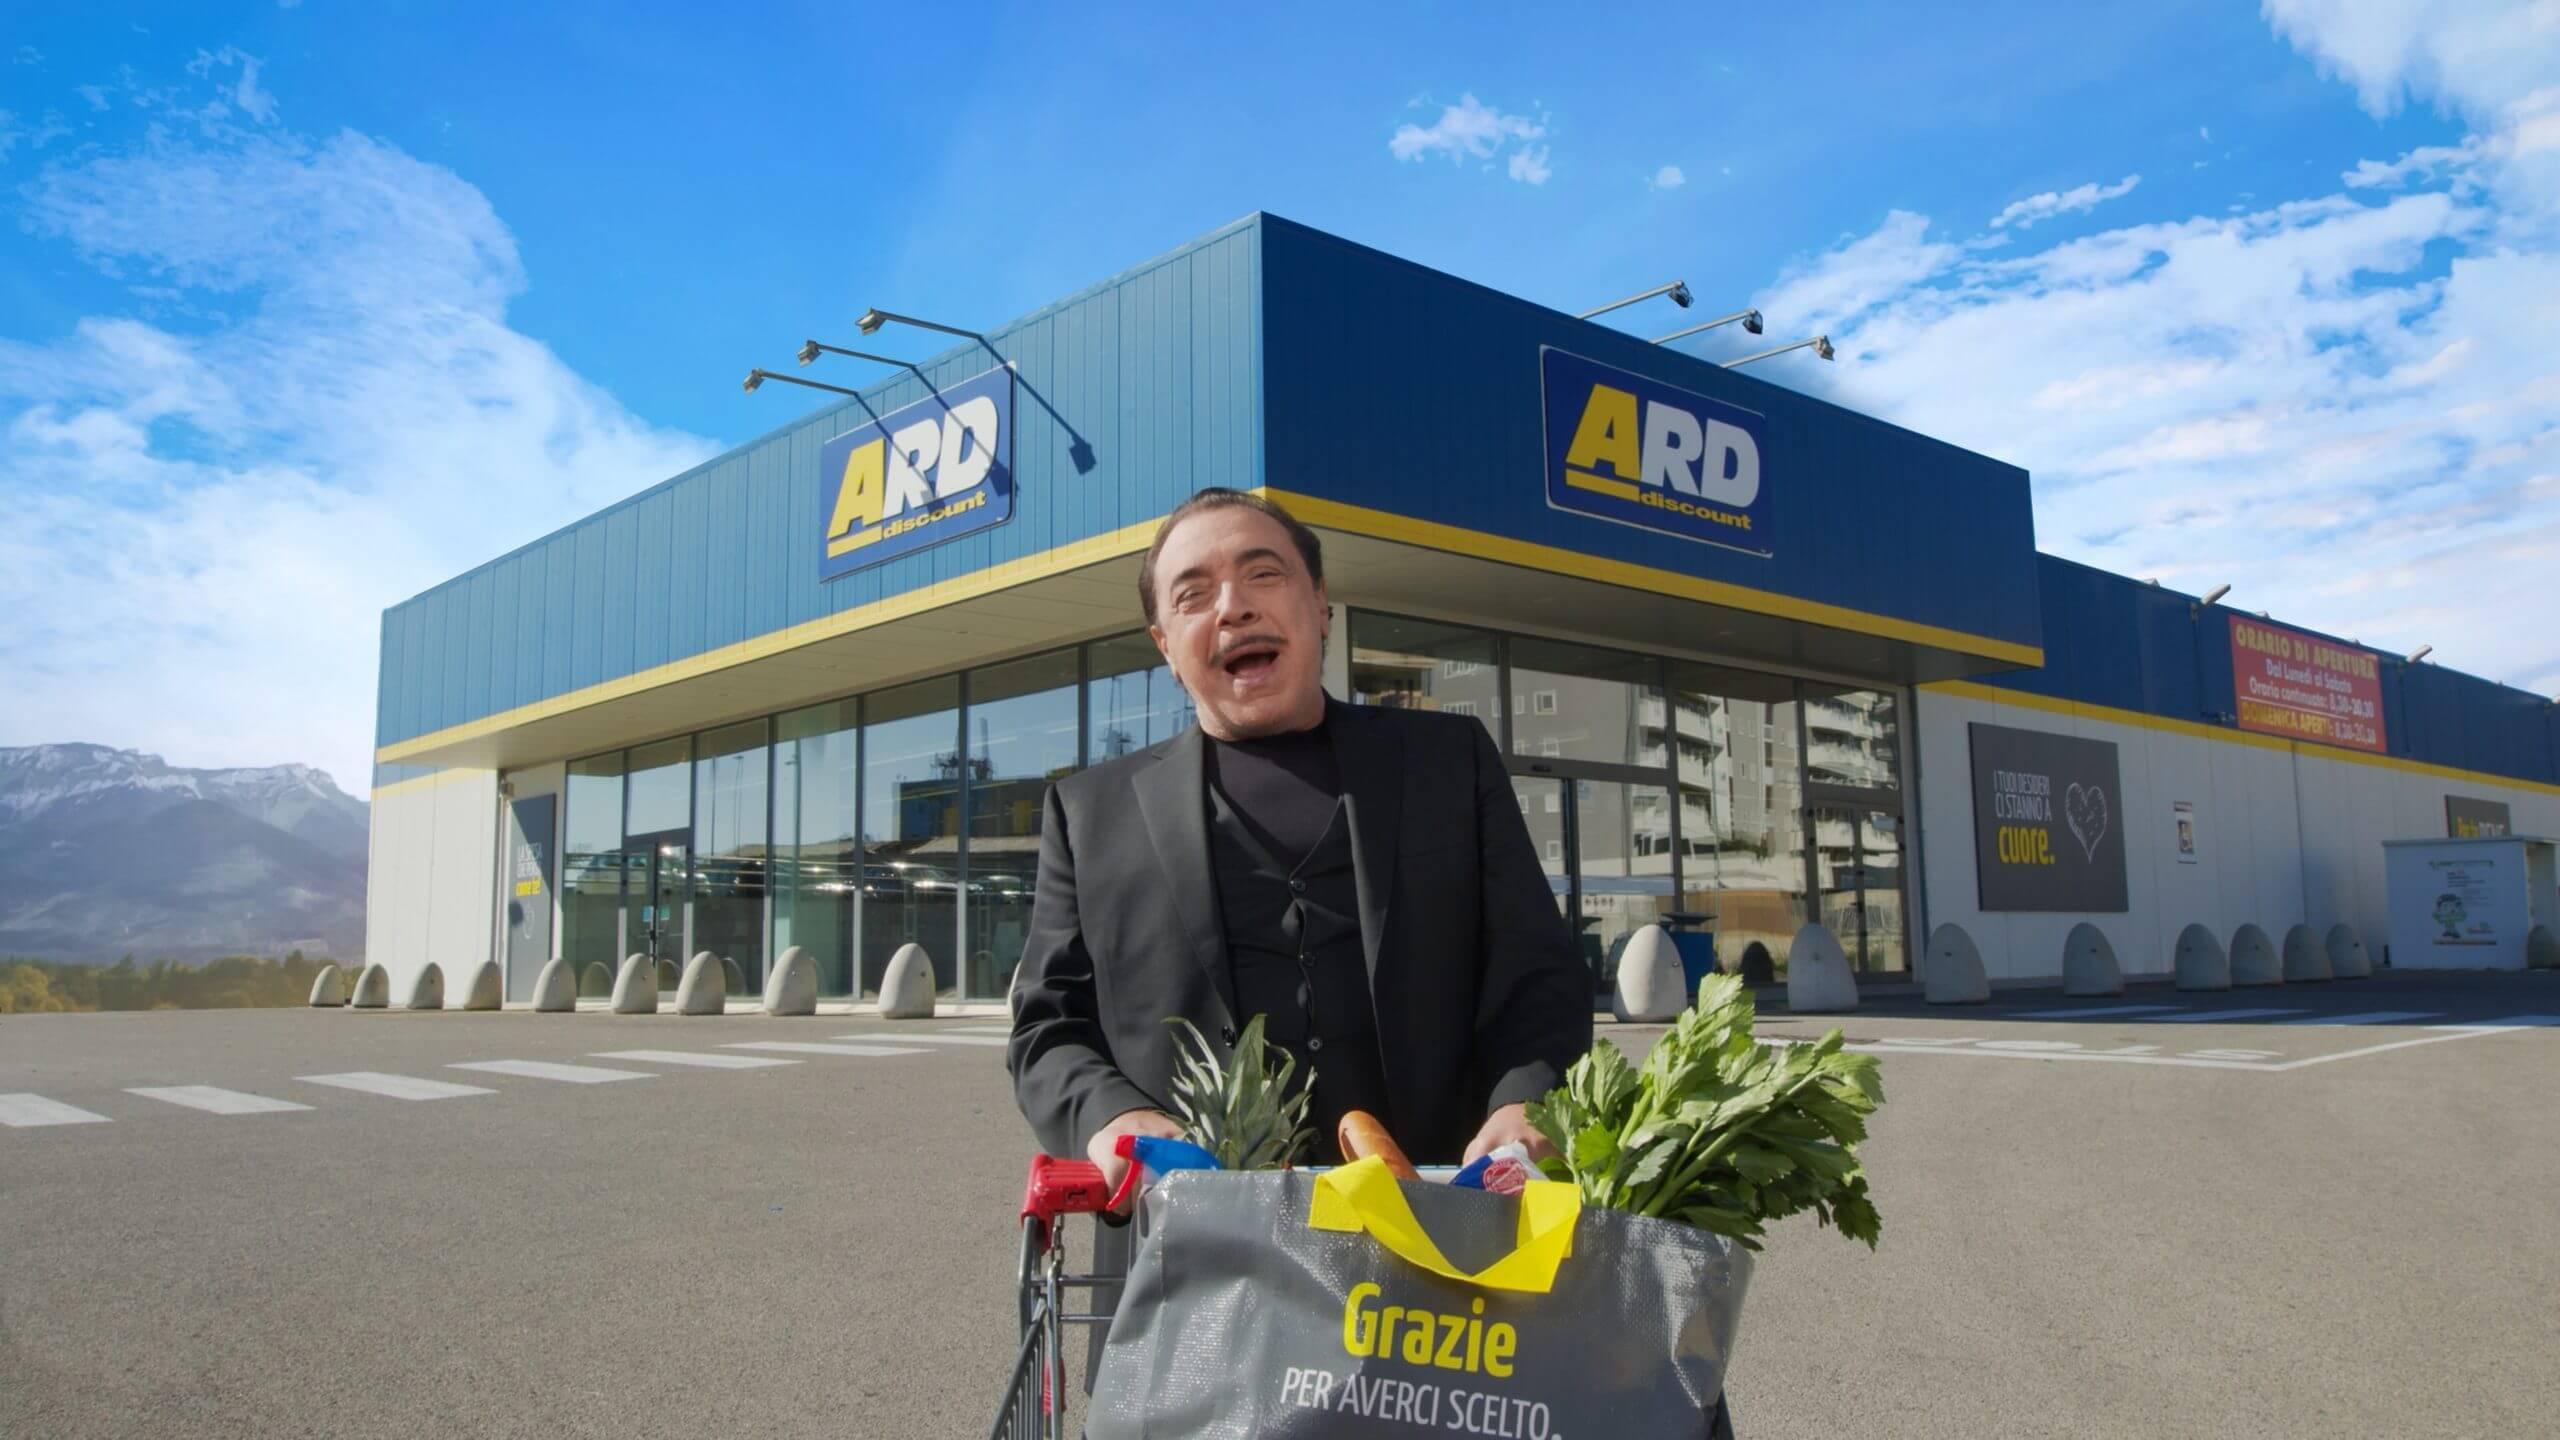 ARD Discount - Il nuovo spot di ARD Discount è finalmente arrivato